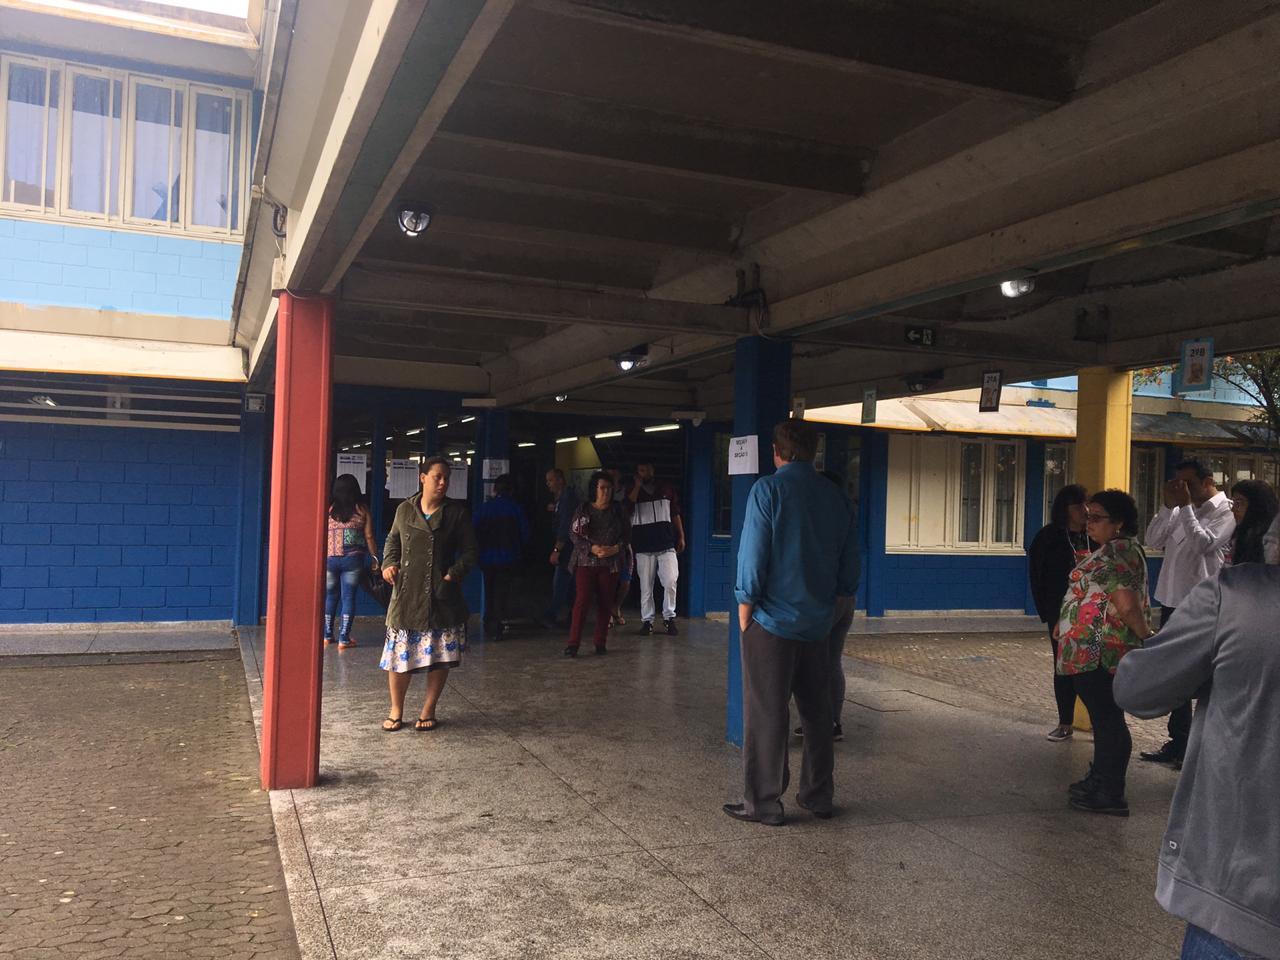 Movimento tranquilo no local de votação do Bairro Novo. Foto: Isadora Deip.